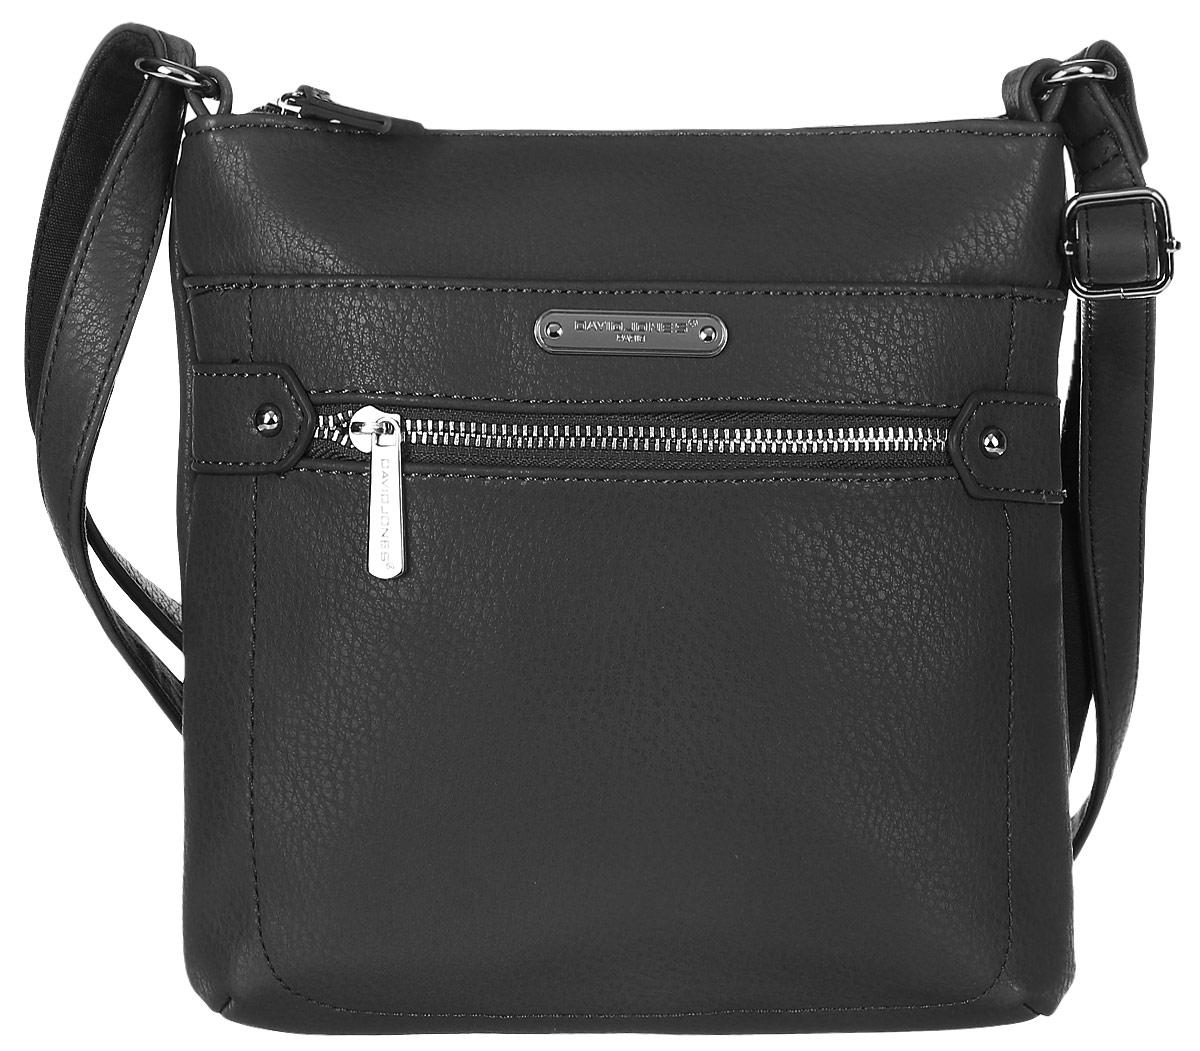 Сумка женская David Jones, цвет: черный. 75535-275535-2 BLACKСтильная женская сумка David Jones выполнена из мягкой экокожи и с лицевой стороны оформлена металлической пластиной с названием бренда. Сумка имеет одно основное отделение, закрывающееся на застежку-молнию. Внутри расположены один прорезной карман на застежке-молнии и один накладной открытый карман. Снаружи, на передней стенке размещен прорезной карман на застежке-молнии и карман на магнитной кнопке, на задней стенке так же прорезной карман на молнии. Сумка оснащена удобным плечевым ремнем.